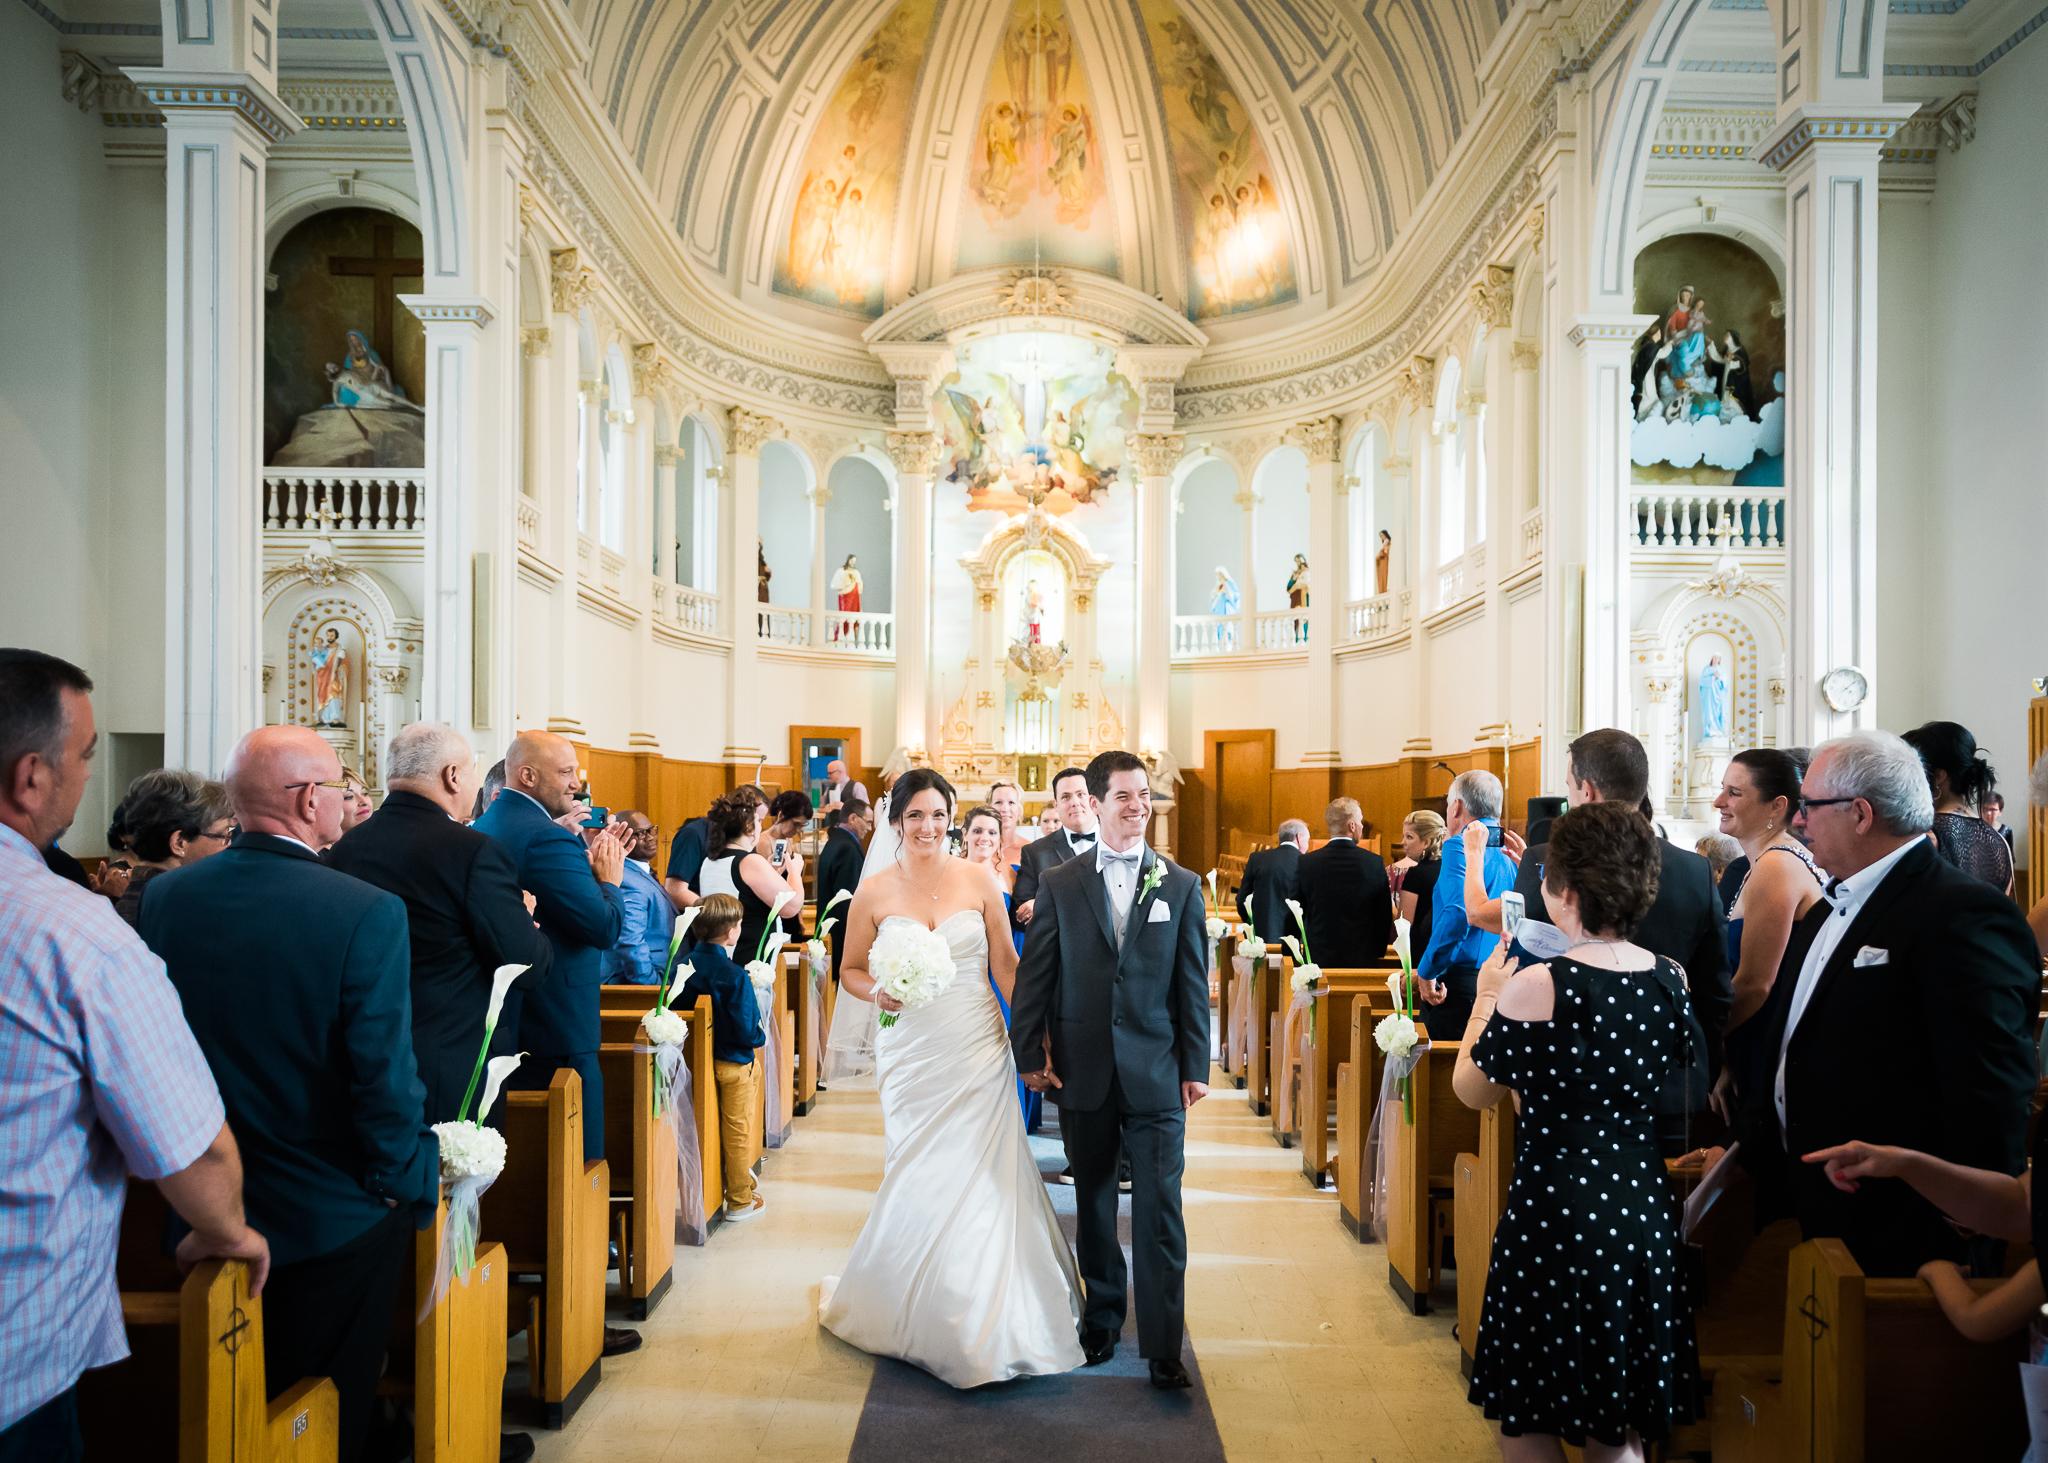 mariage-ceremonie-eglise-shawinigan-mauricie